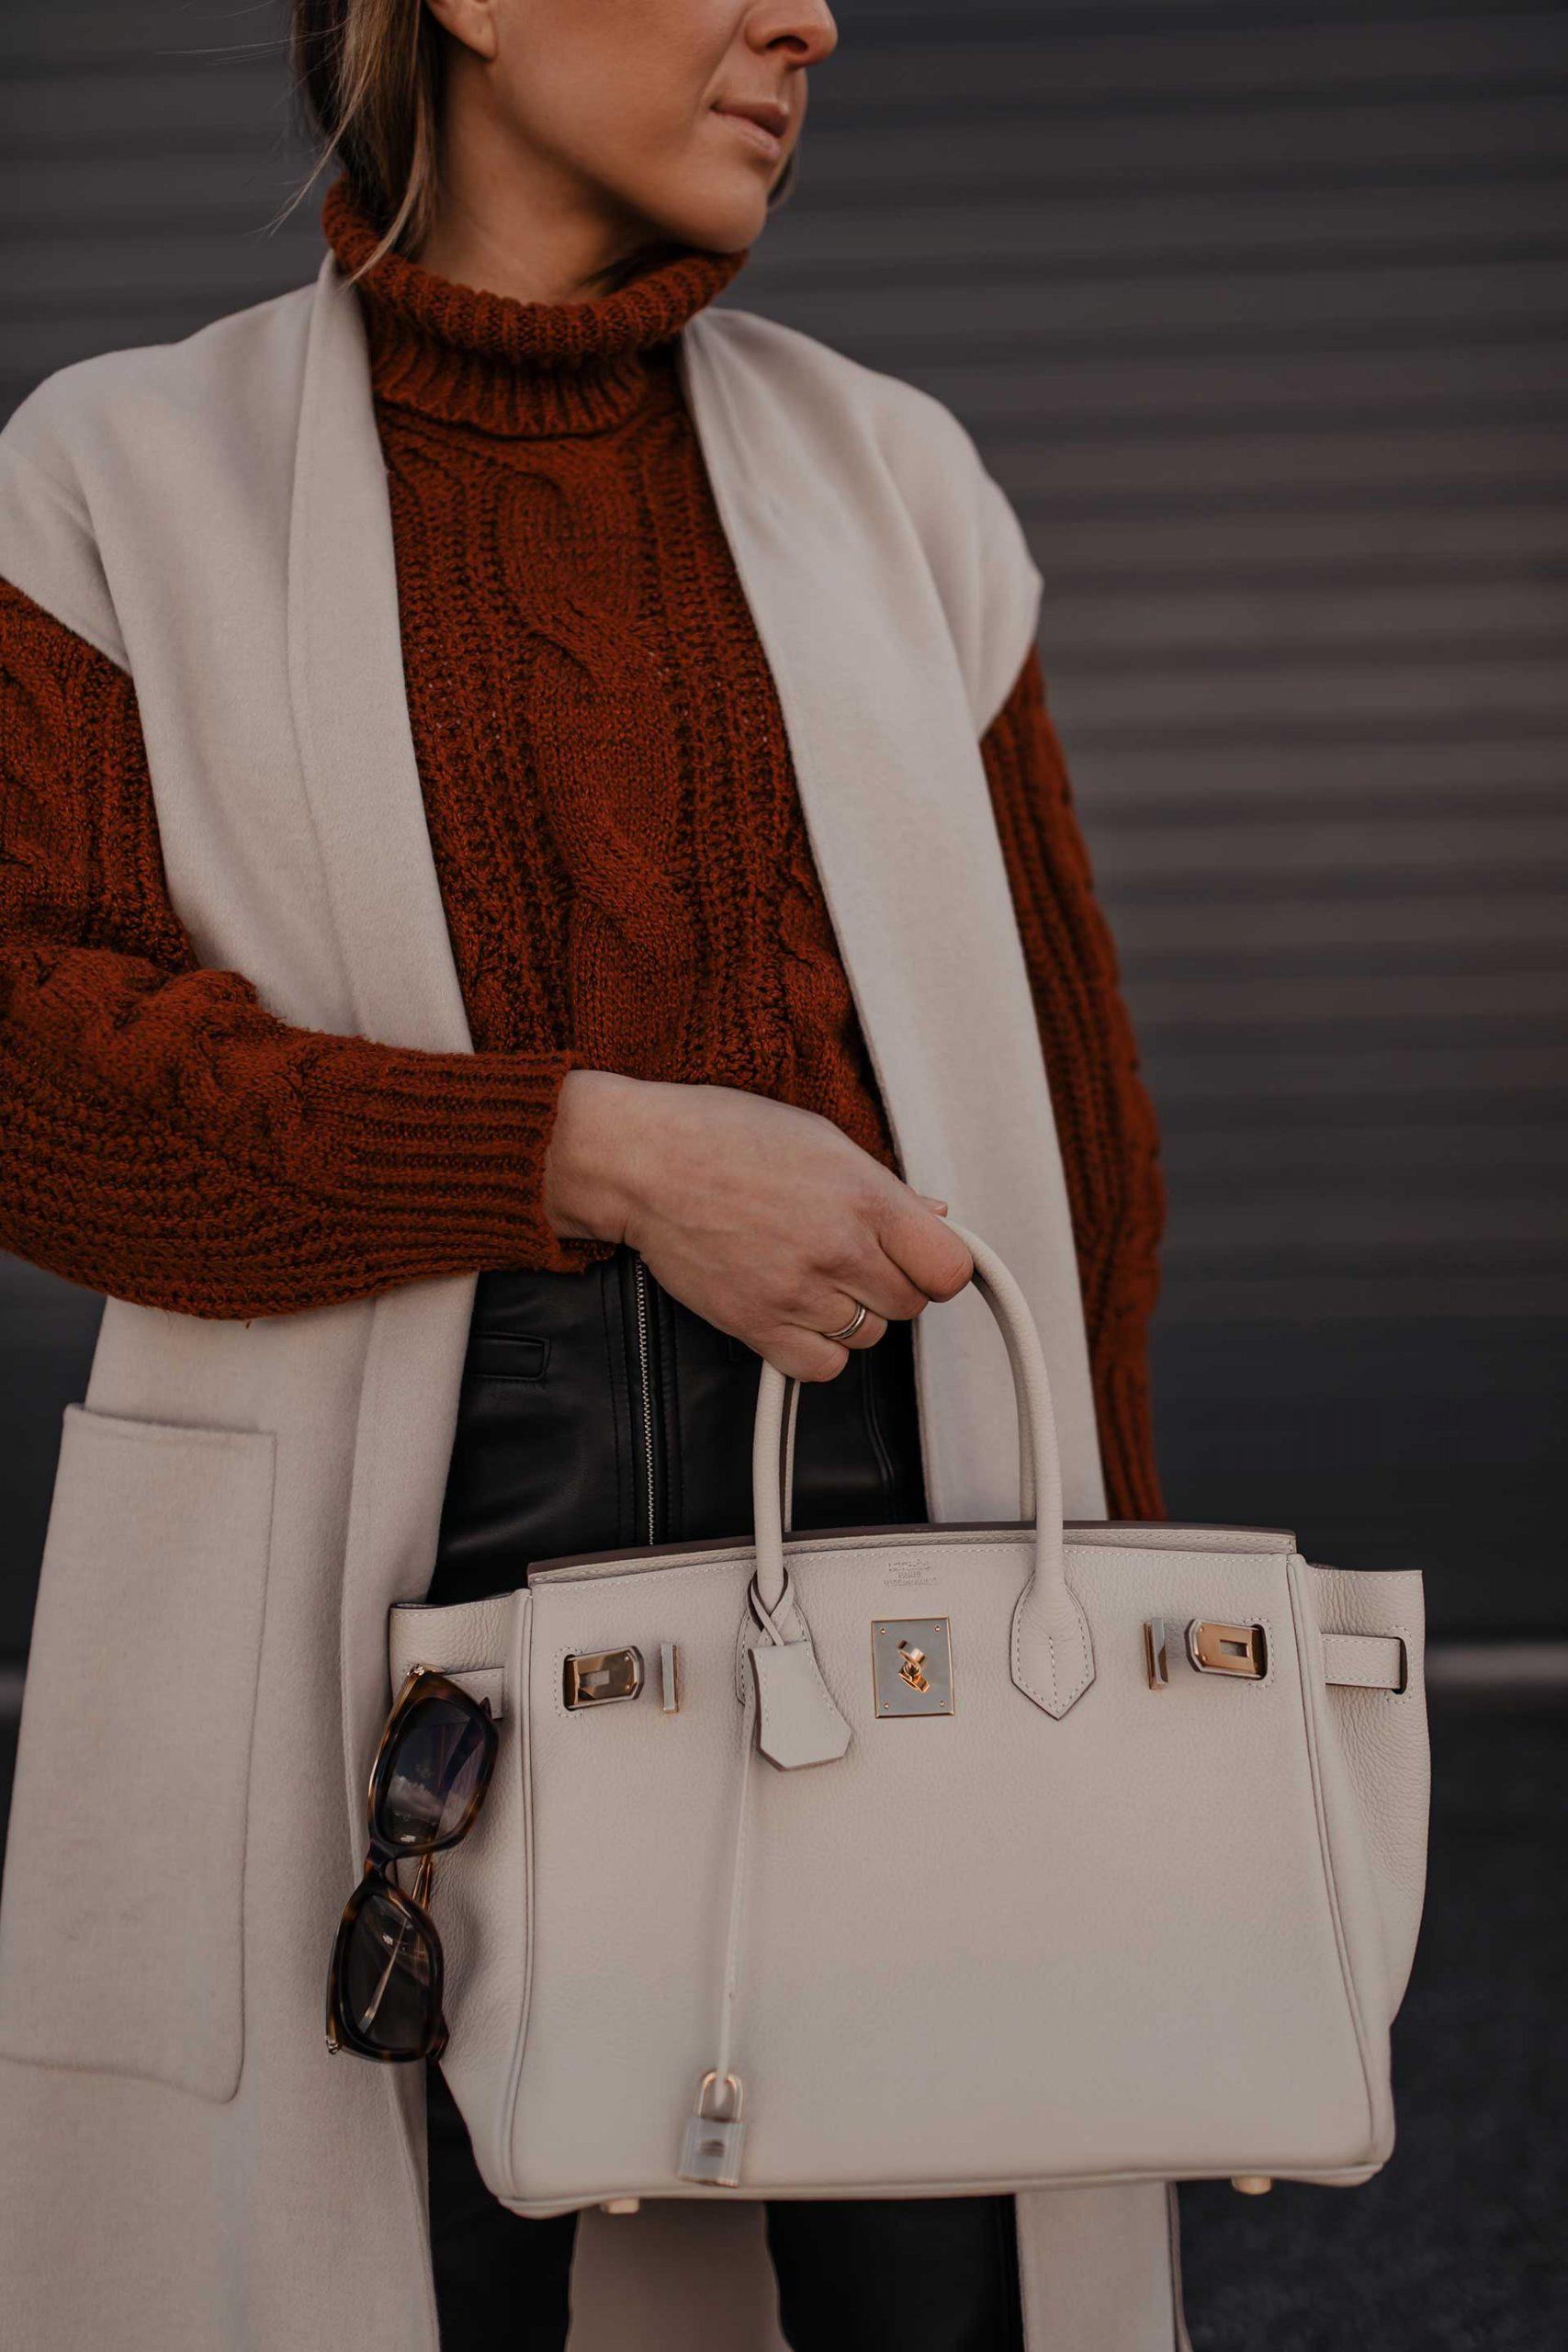 Heute gibt's auf meinem Modeblog ein Herbst Outfit mit Lederhose. Außerdem zeige ich dir, wie gut du eine lange Weste kombinieren kannst. www.whoismocca.com #herbstoutfit